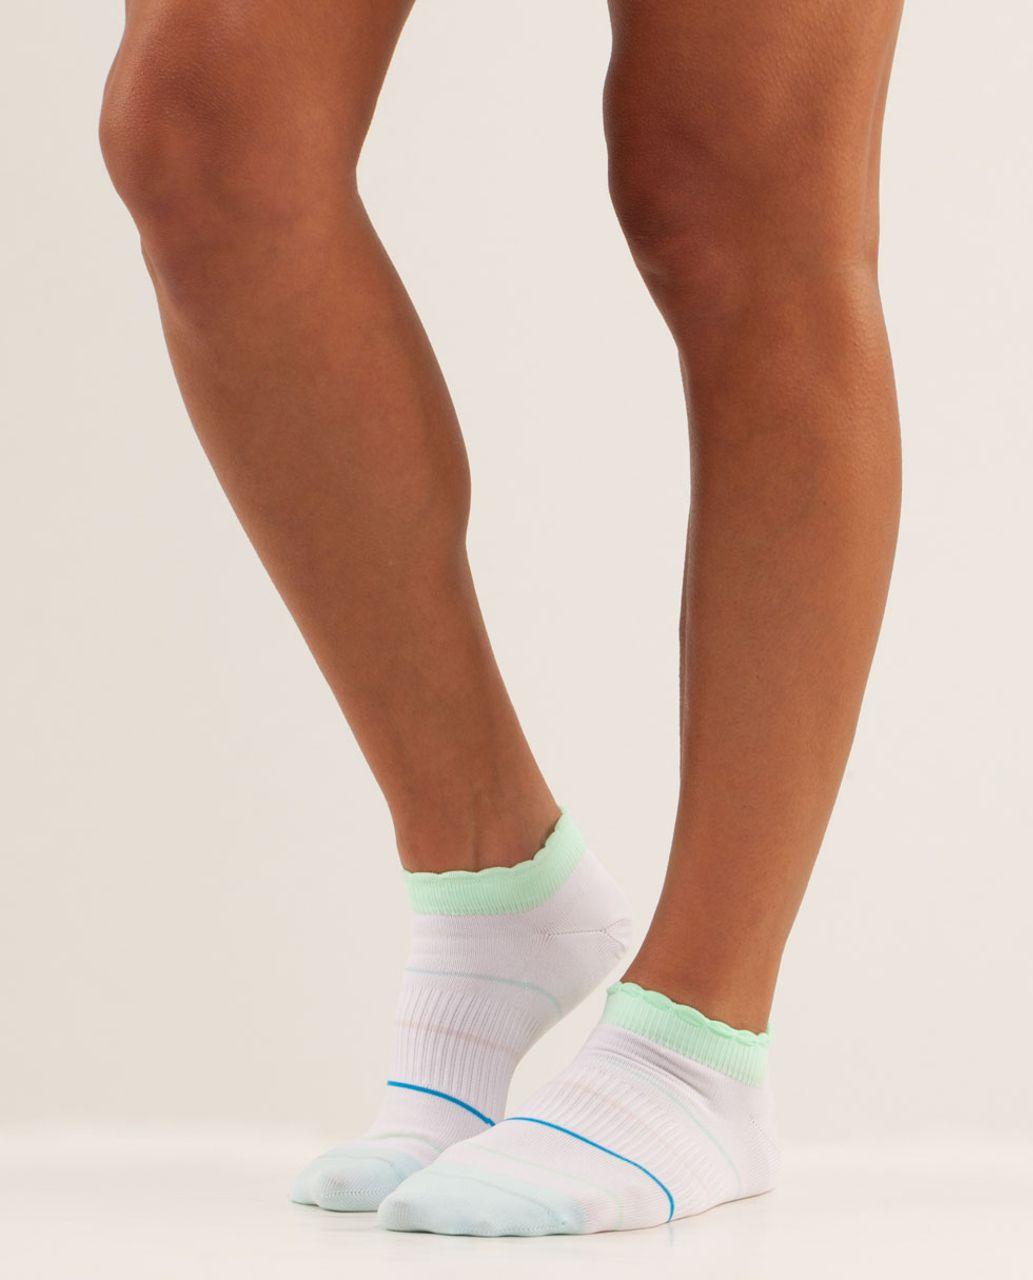 Lululemon Run For Ice Cream Sock - Neopolitan Stripe White